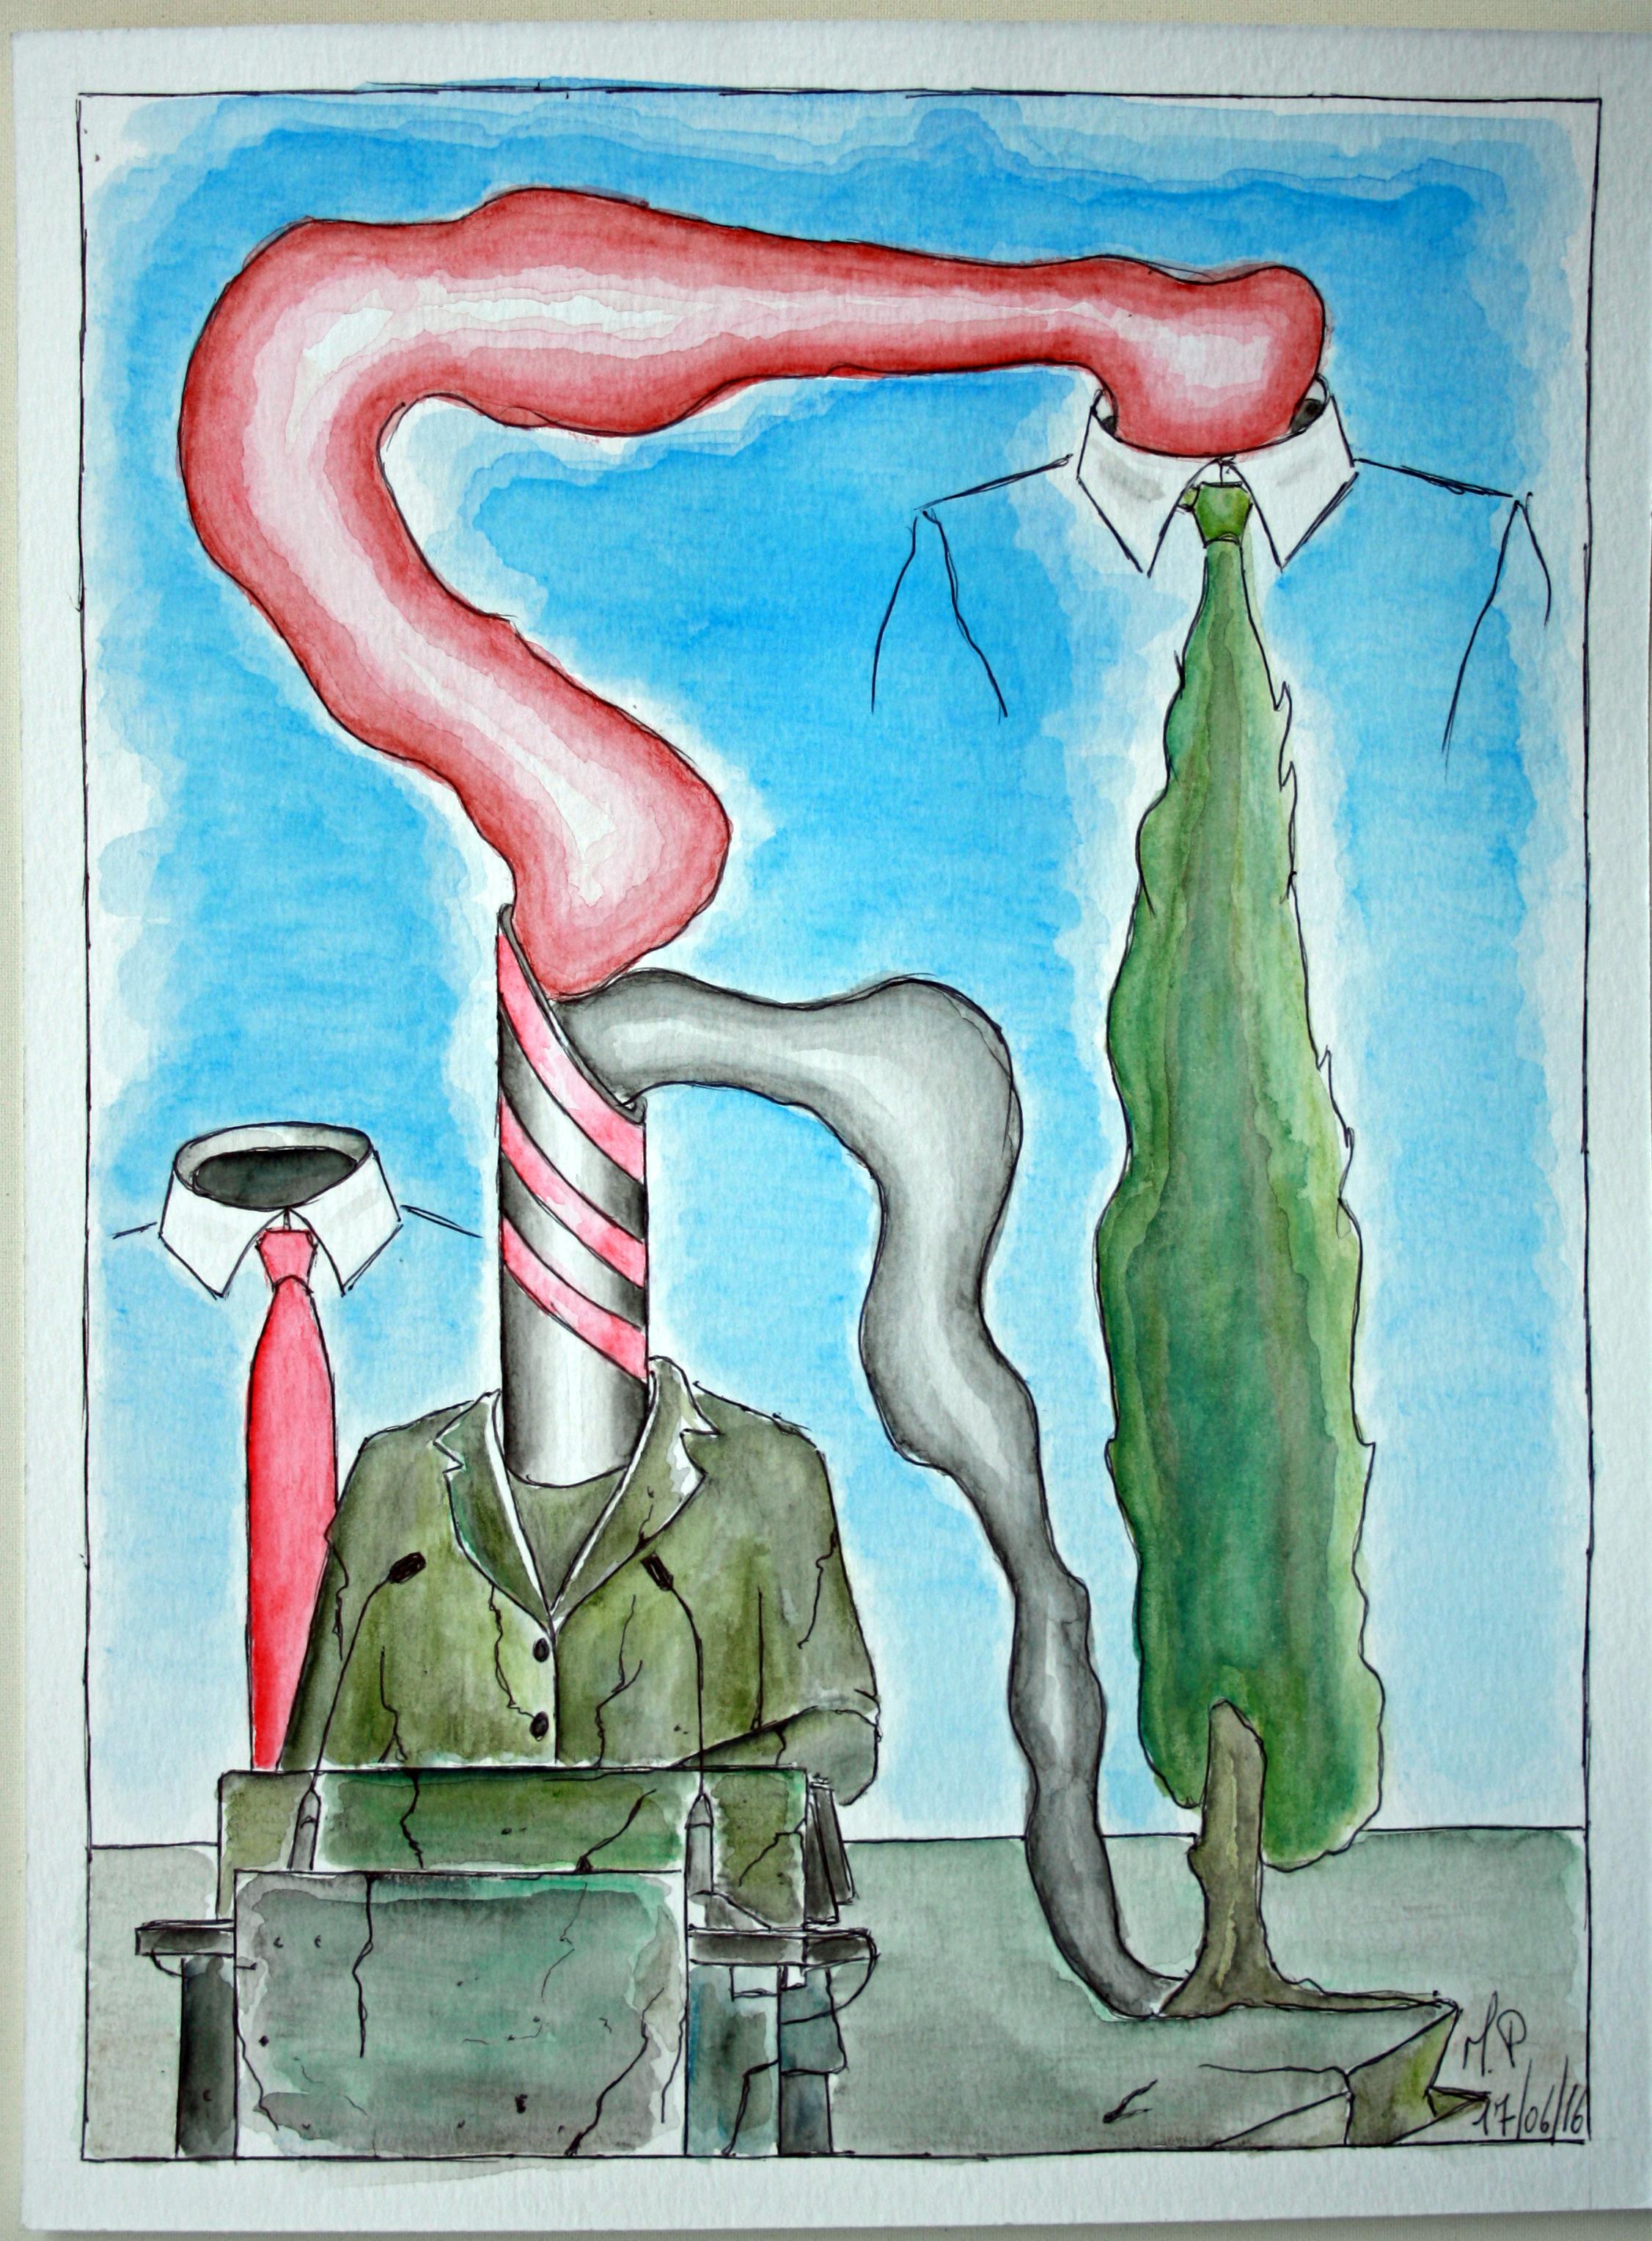 Trasmigrazione (Transmigration), 17/06/2016 disegno a penna e acquerello (pen drawing and watercolor), cm 24x32, Pasquale Mastrogiacomo, Acerno (SA).